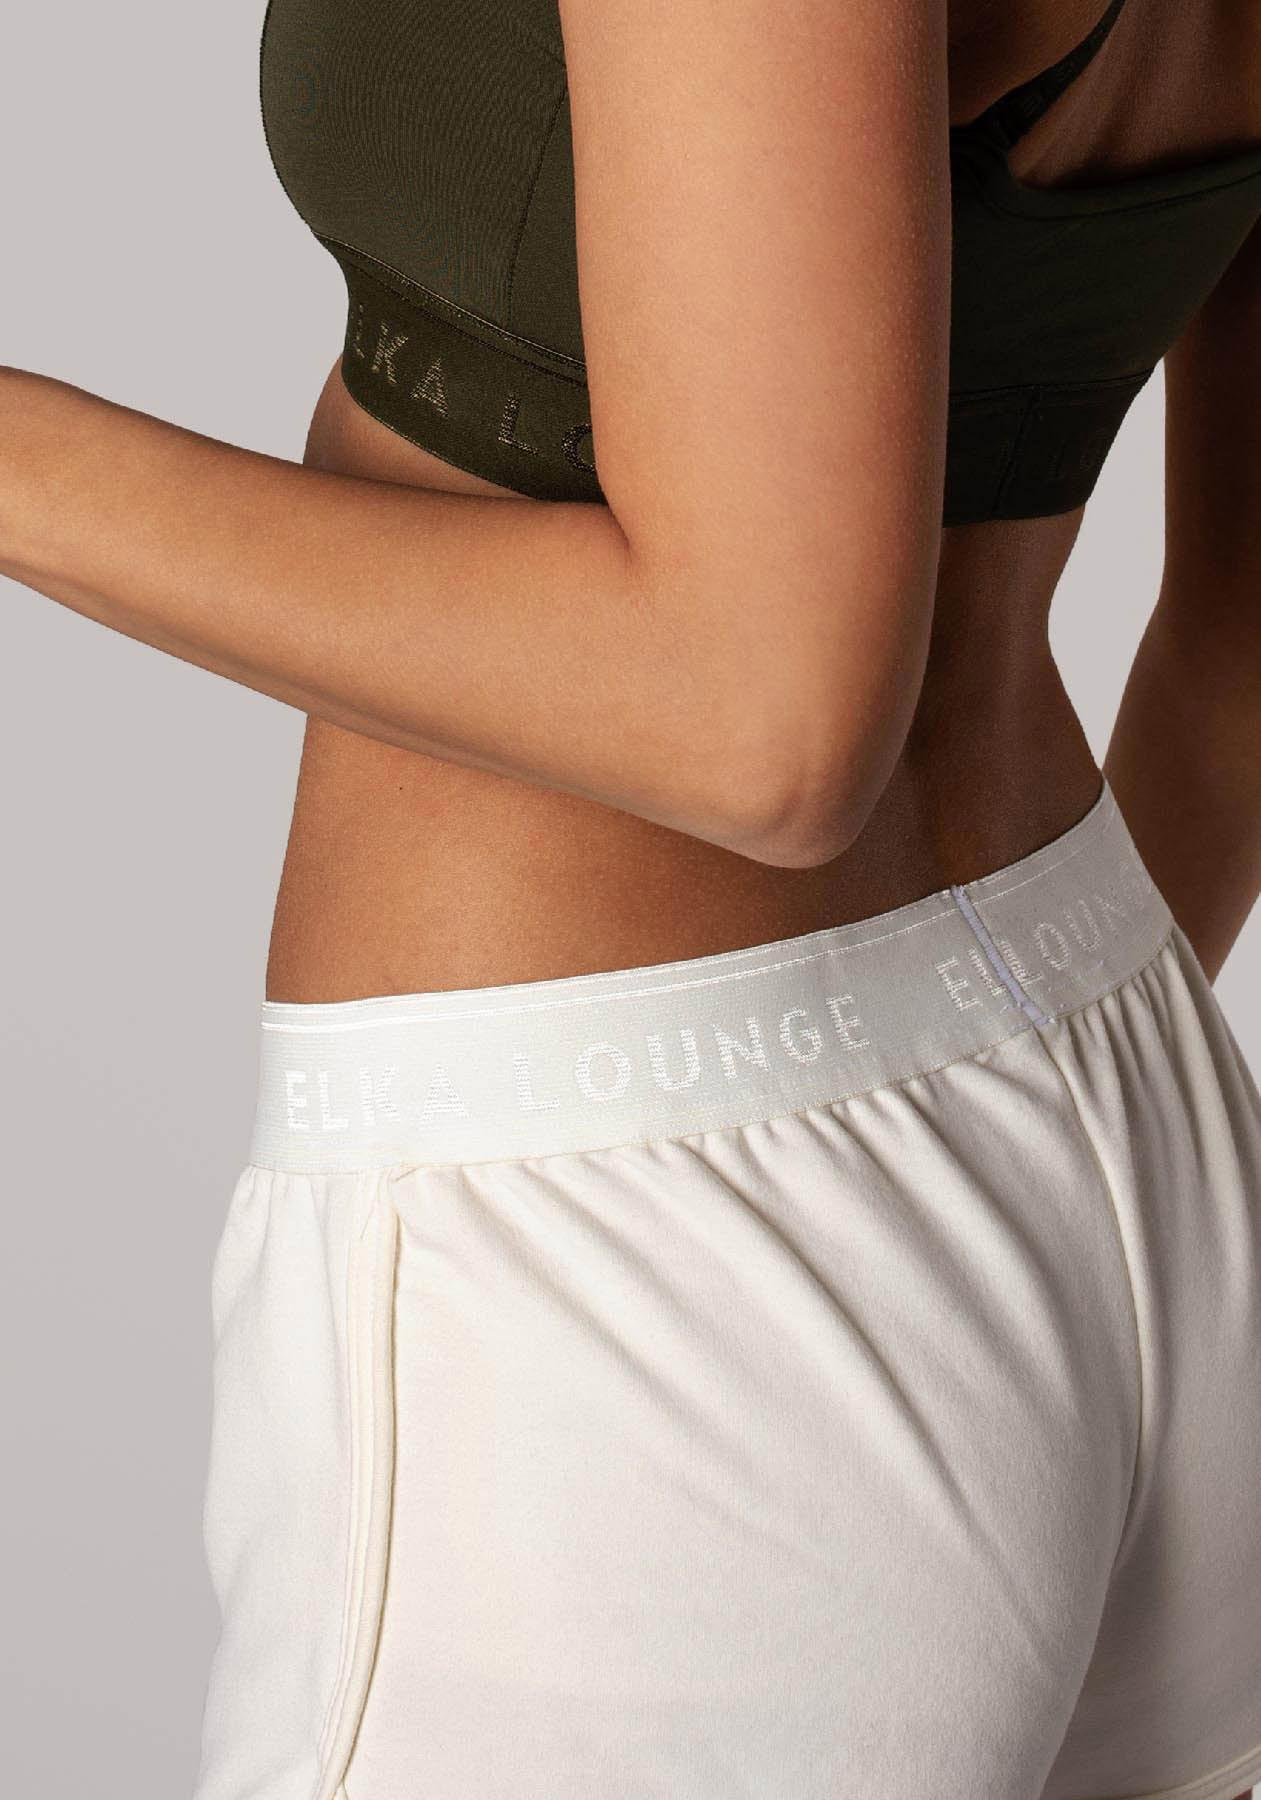 Women-shorts, bras-ELKA-Lounge-W00550, 569